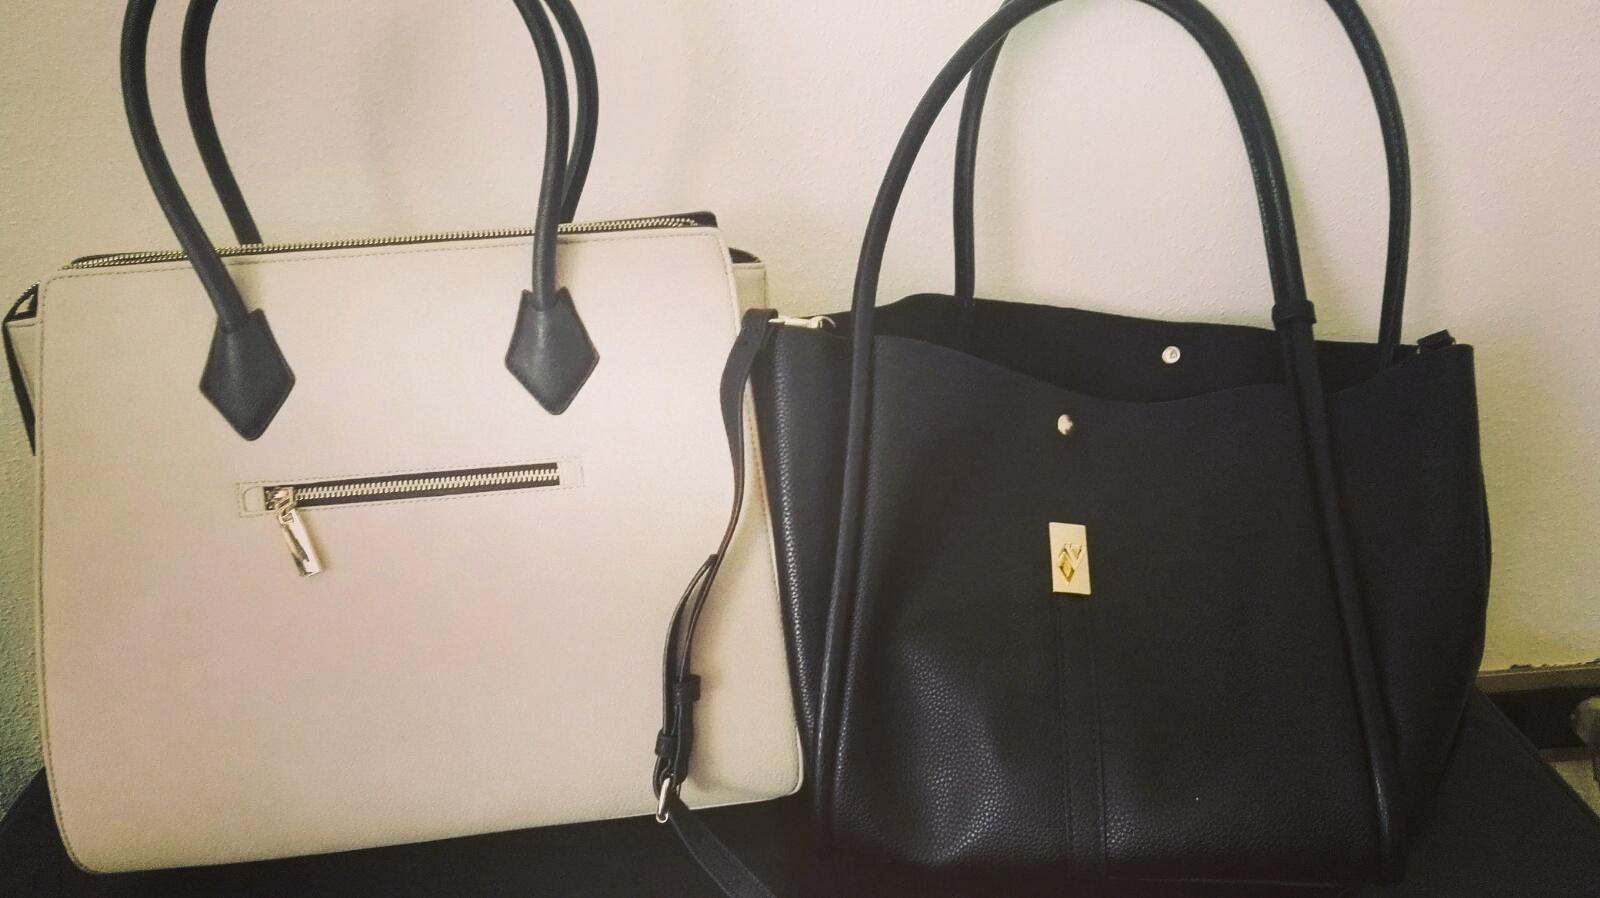 goedkoop merktassen shoppen online